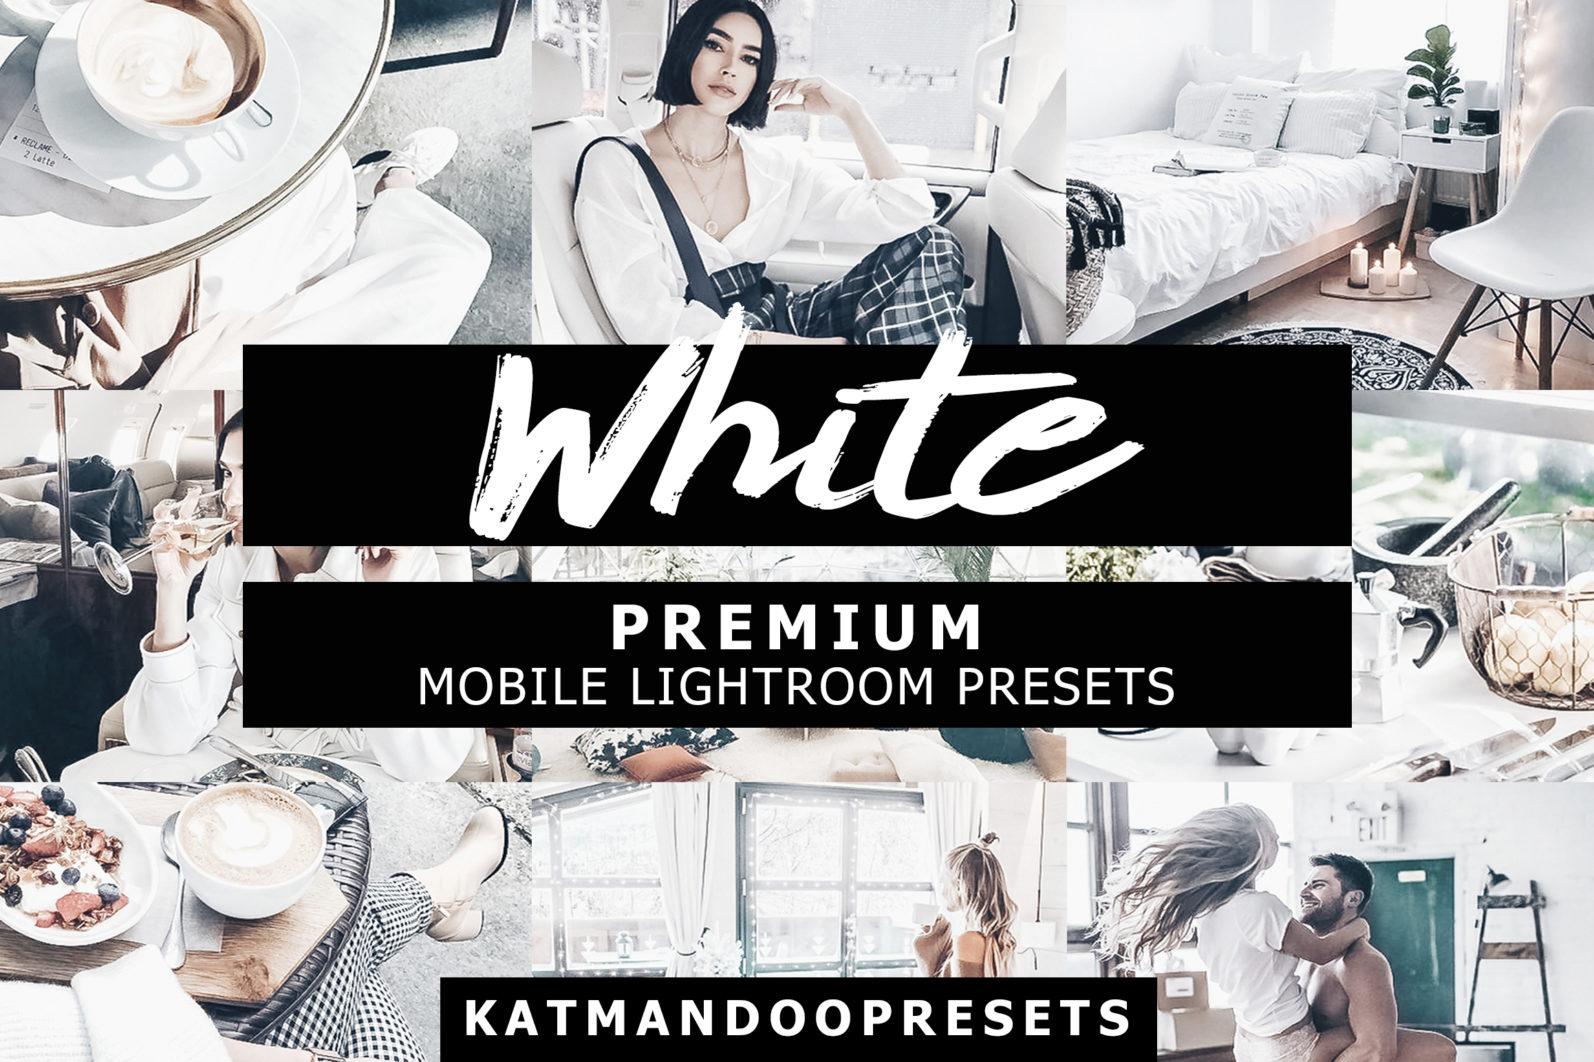 BEST SELLER ⭐️ 7 Mobile & Desktop Lightroom Presets WHITE Instagram Filter - white presets lightroom crella 2 -